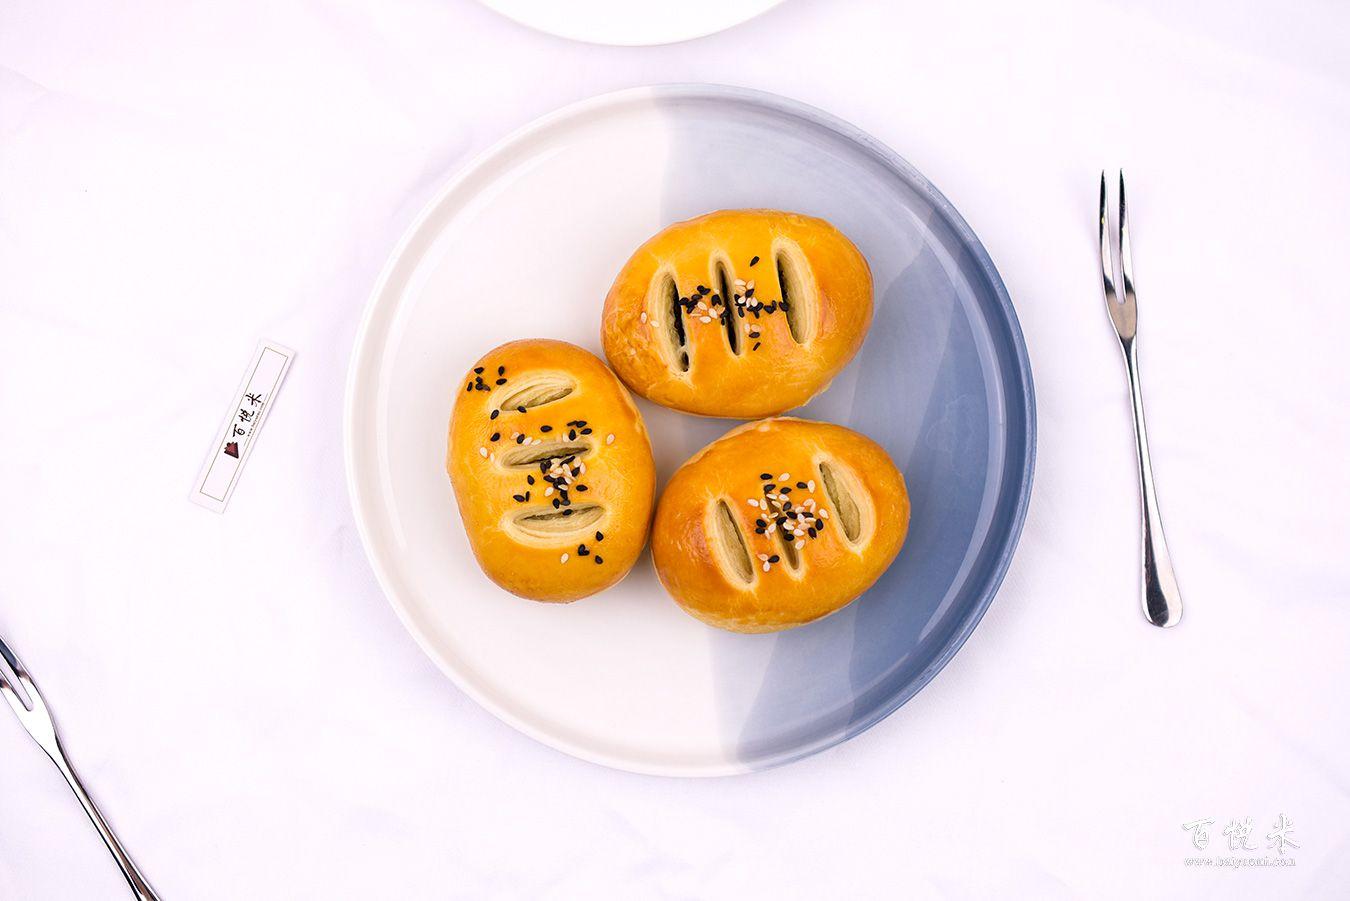 紫薯酥高清图片大全【蛋糕图片】_876